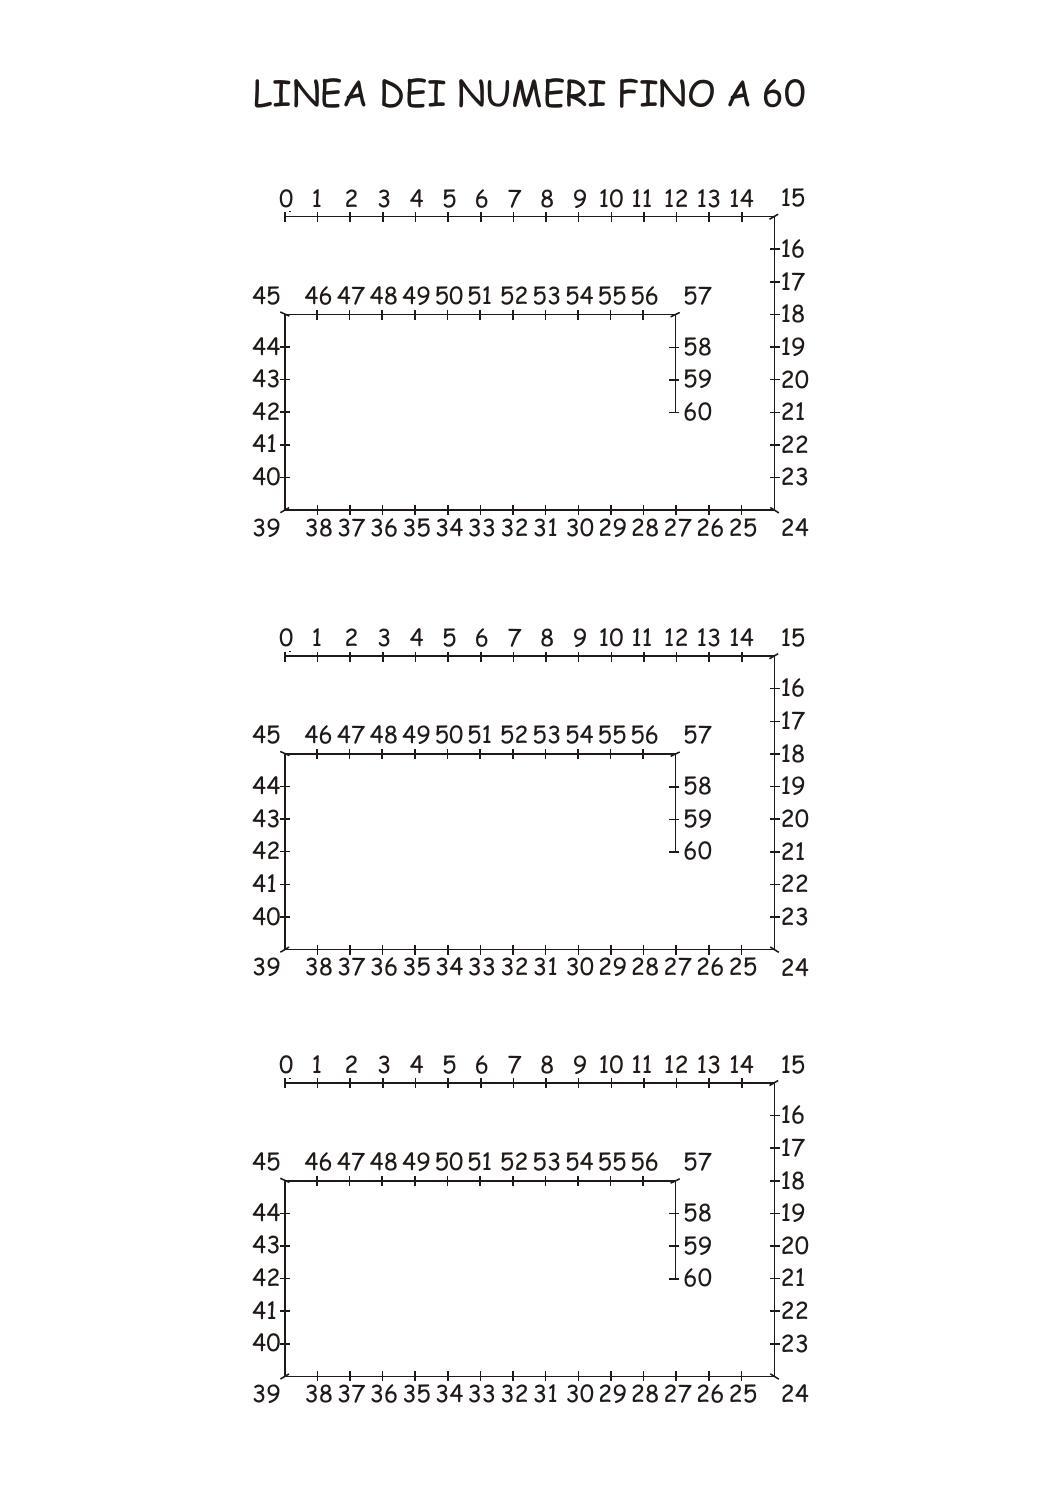 Linea dei numeri 50 60 by cerzat issuu for Linea dei numeri da stampare